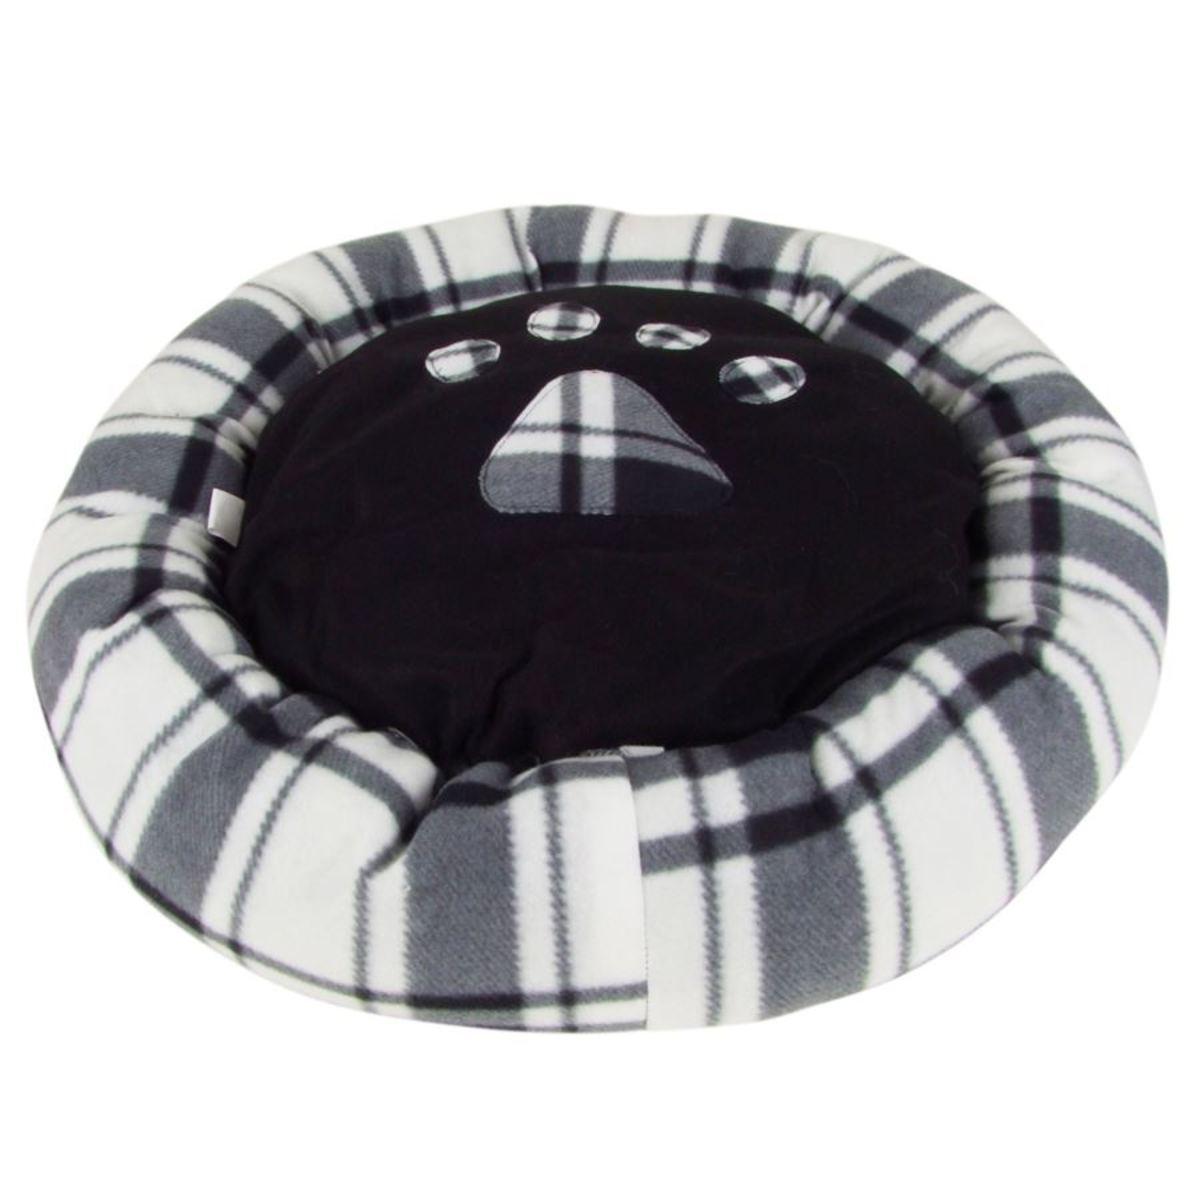 Bild 1 von Hundebett rund mit Pfoten-Aufdruck Größe S 60cm